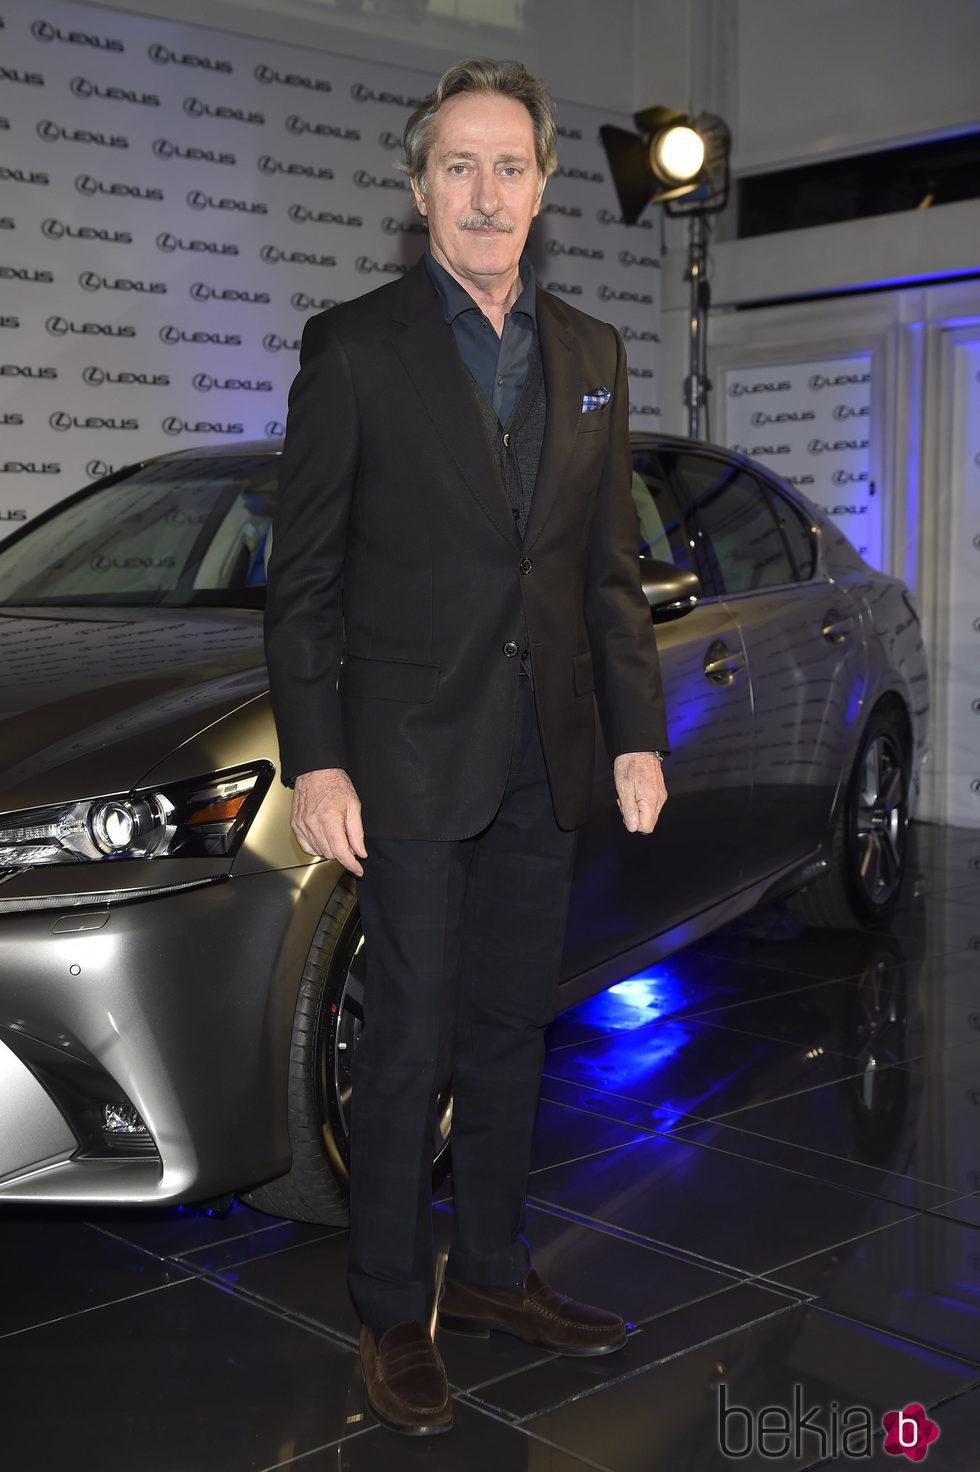 Roberto Torretta en la presentación de un nuevo coche de alta gama en Madrid